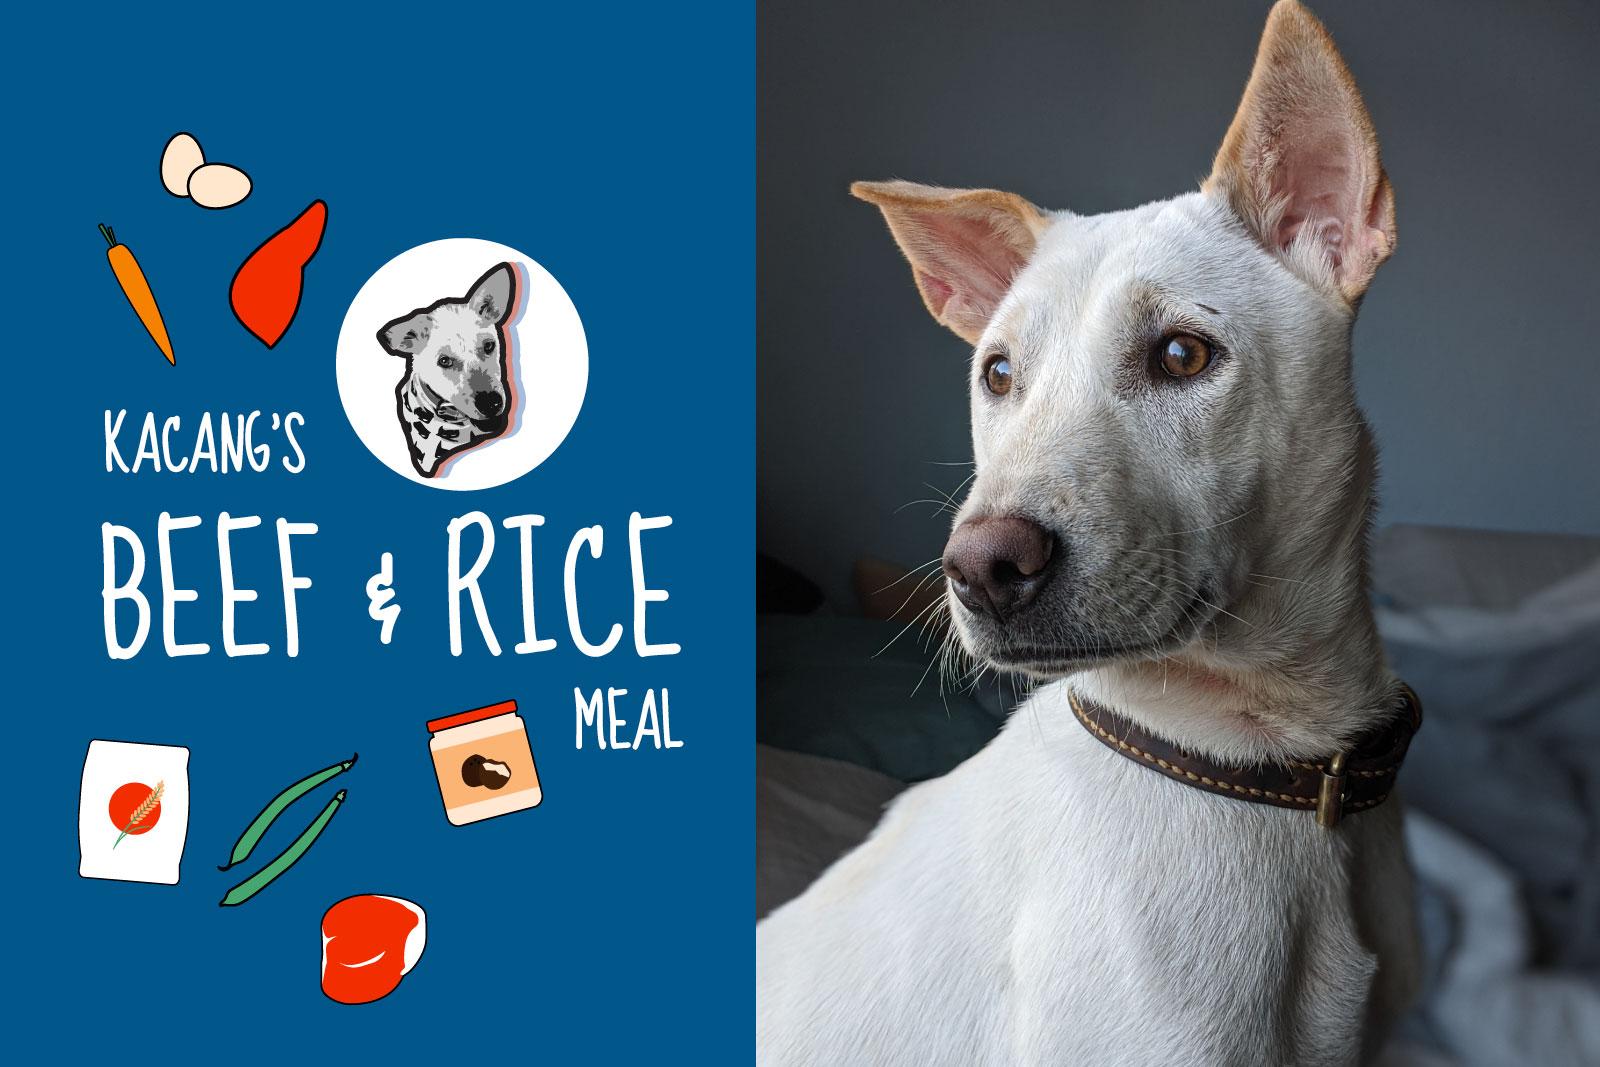 kacang's beef & rice recipe